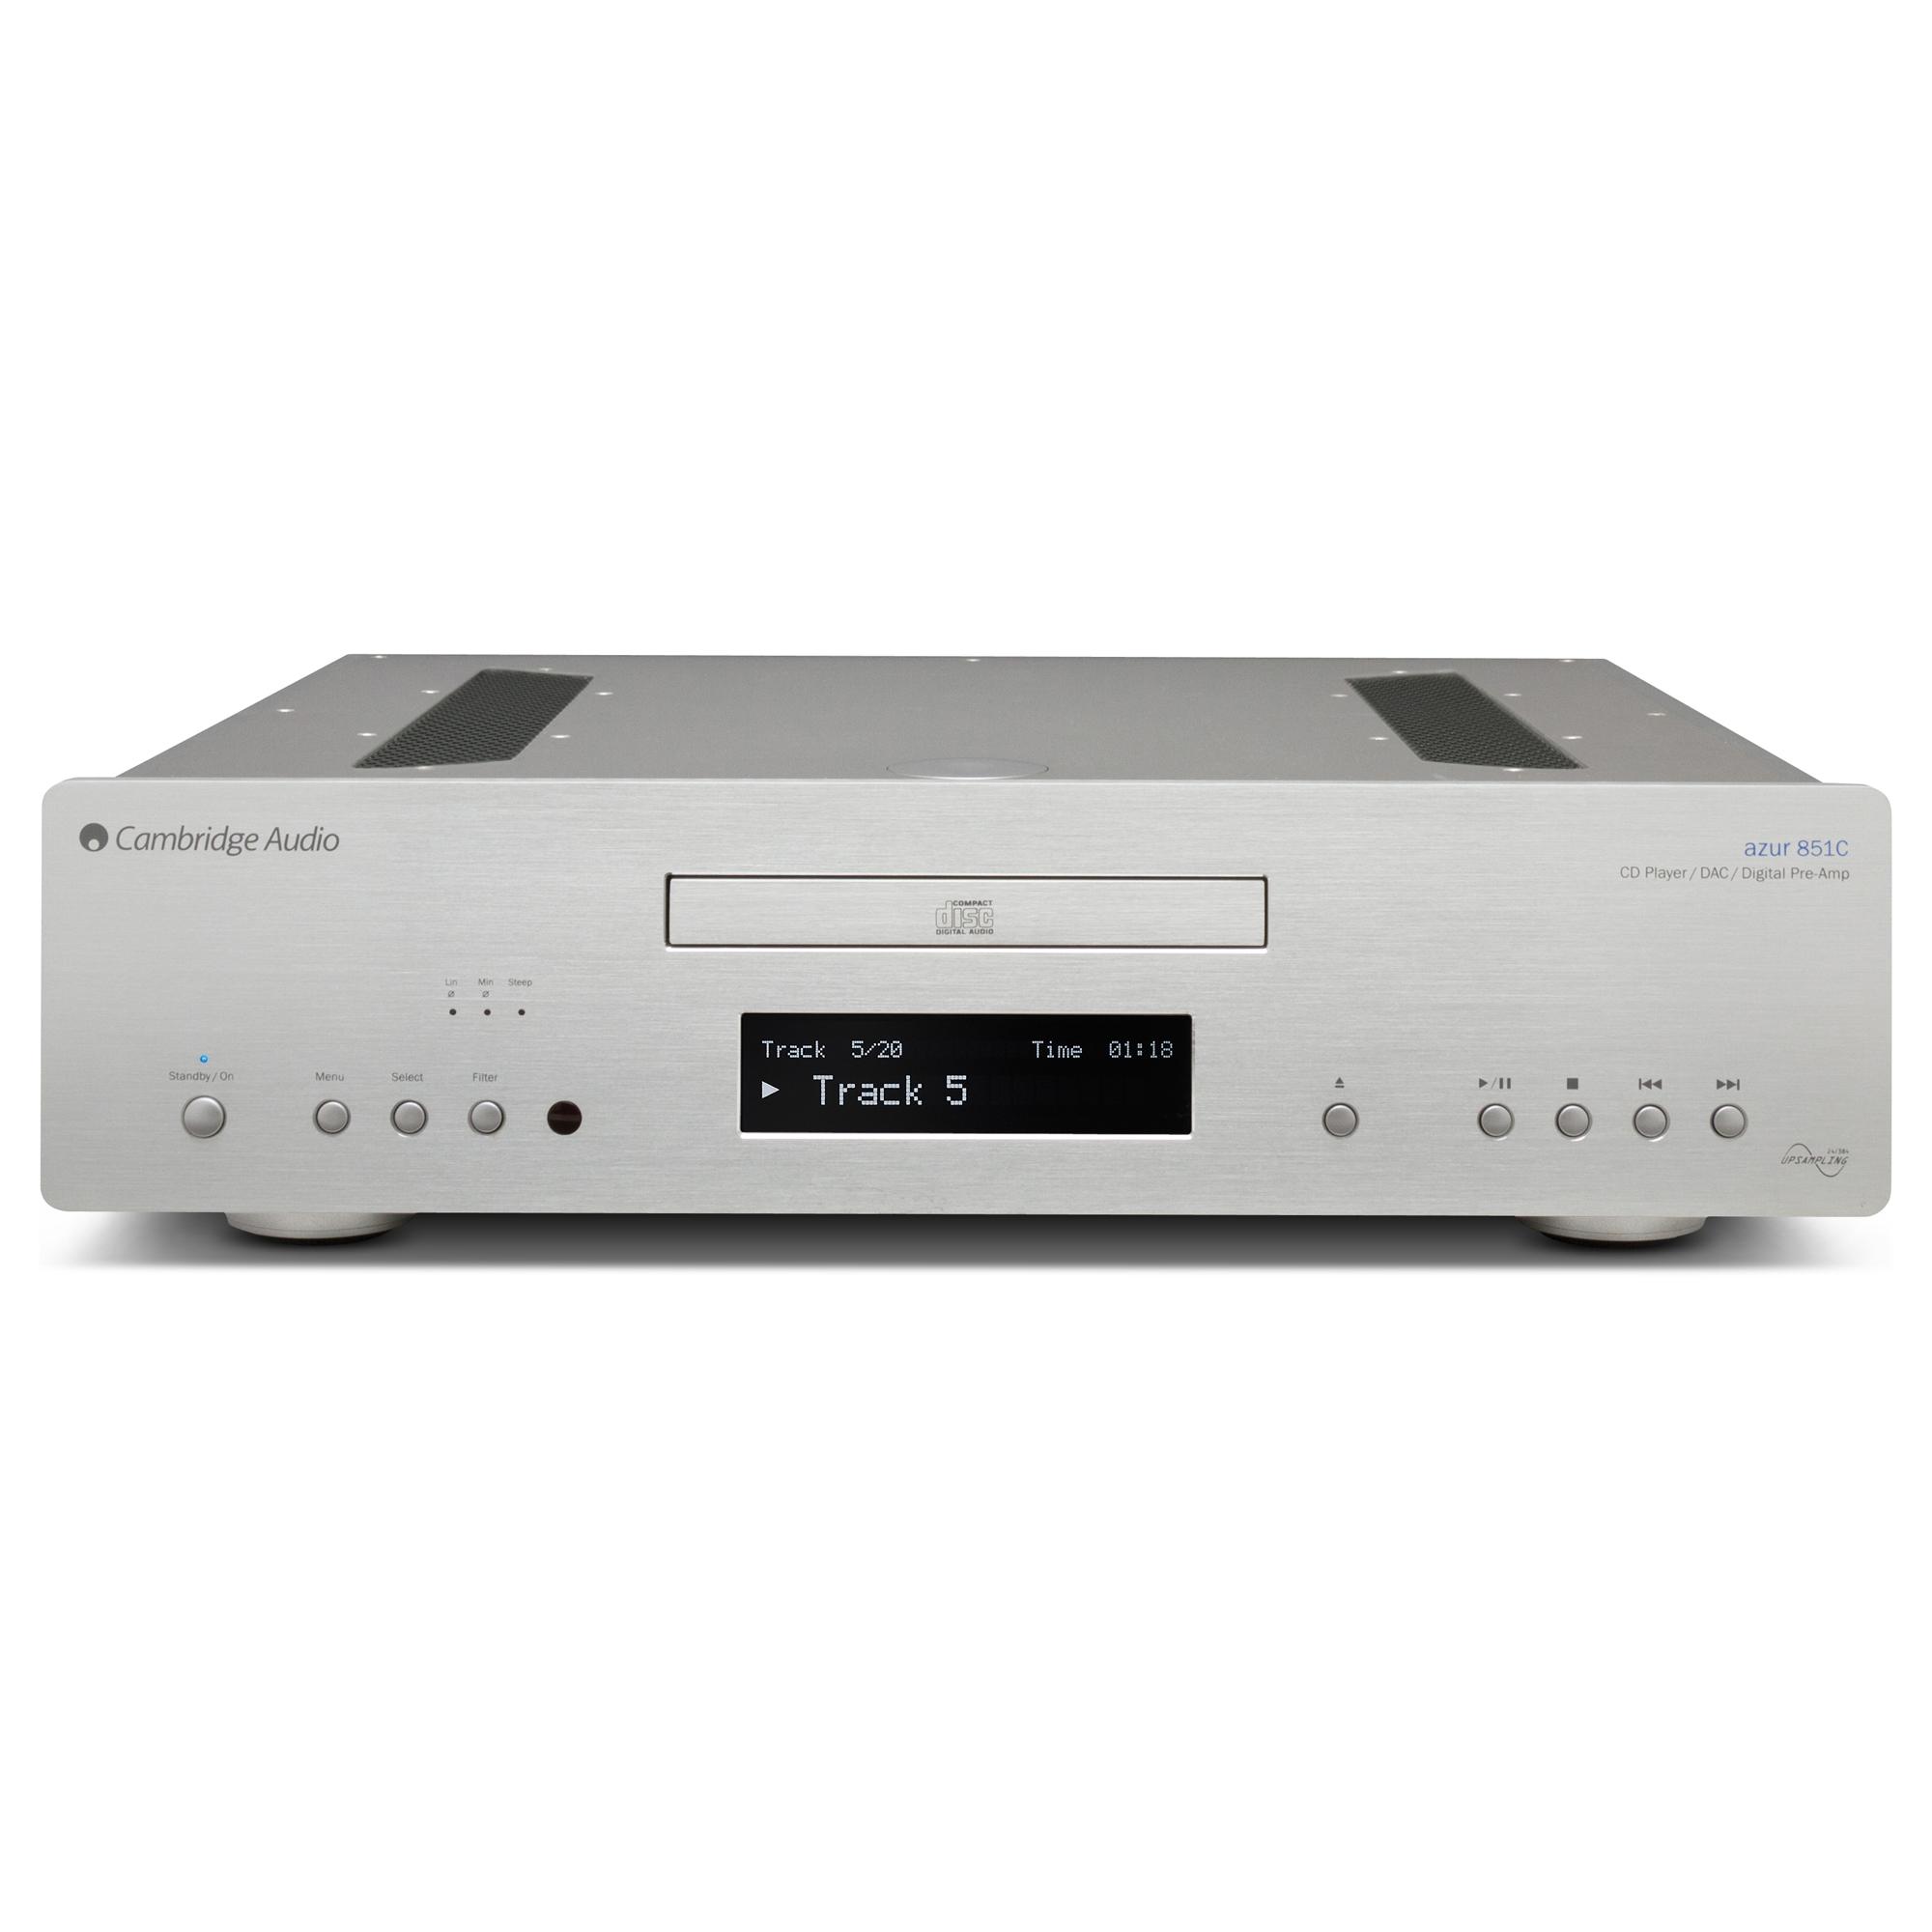 Cambridge Audio Azur 851C is zowel een cd-speler als voorversterker in één